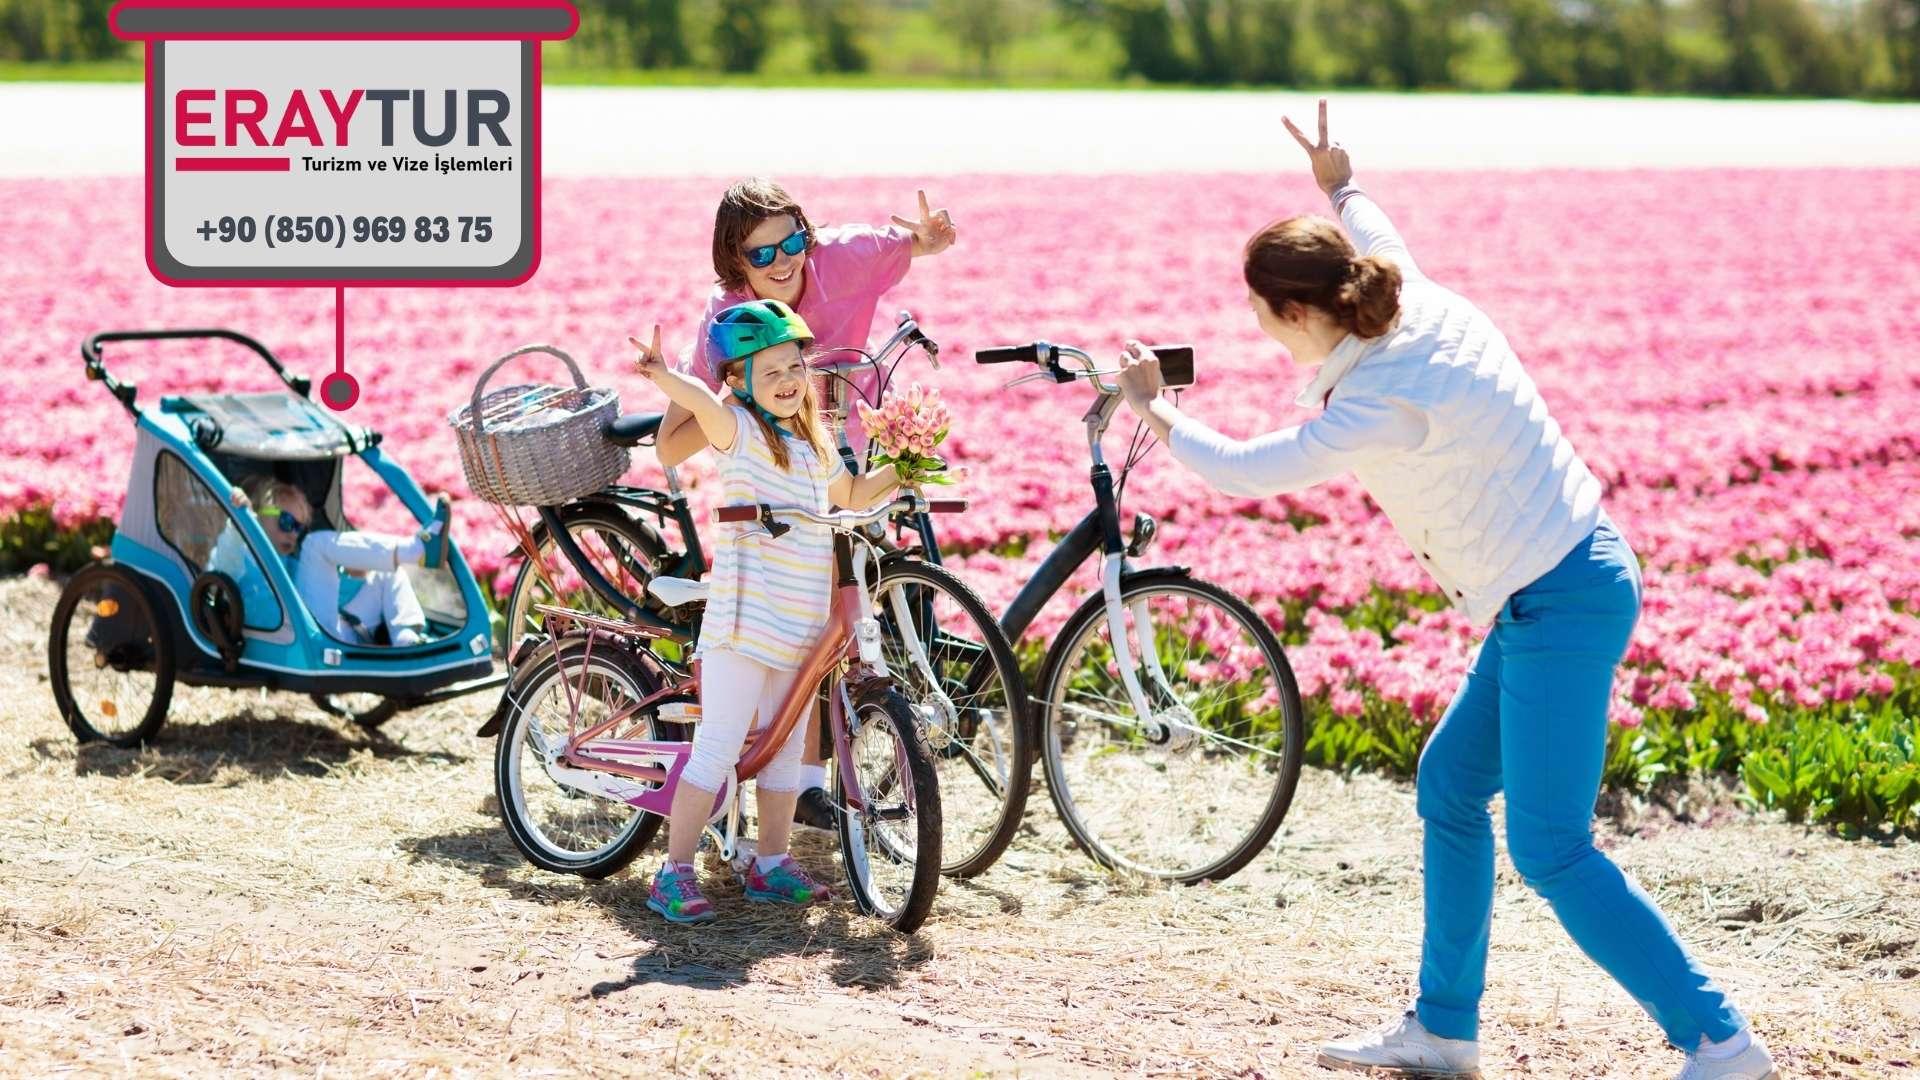 Hollanda Aile Ziyareti Vize Ücreti